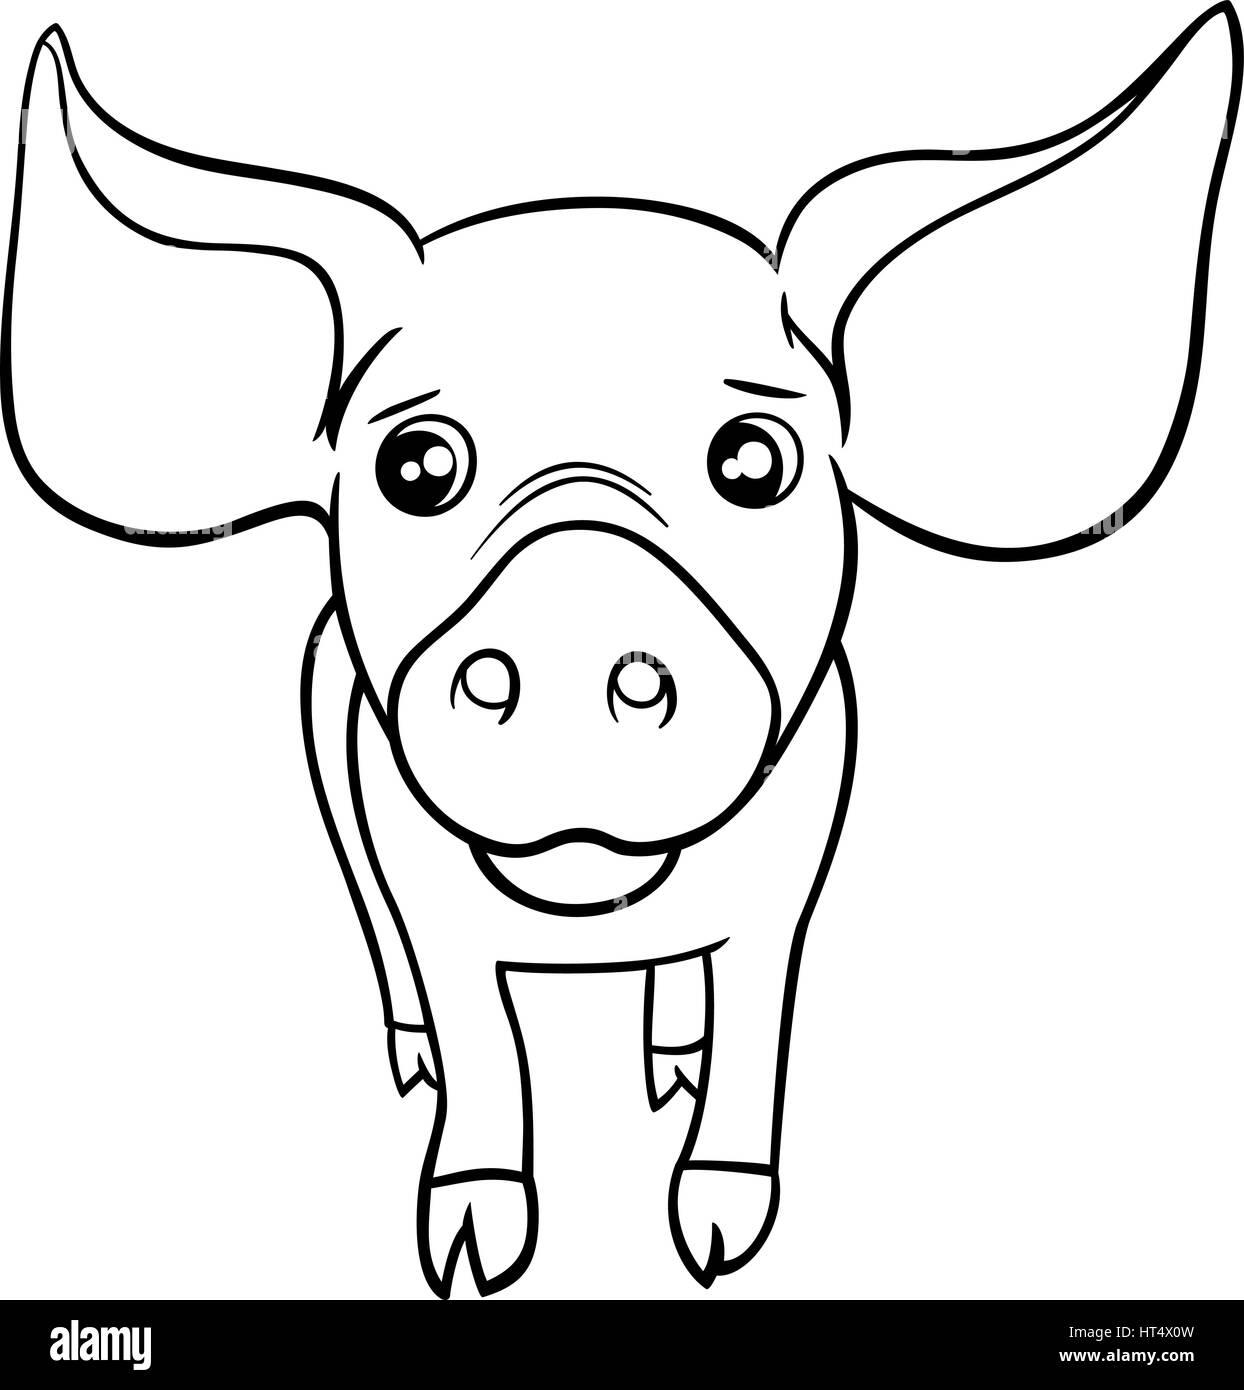 Tolle Malvorlagen Von Niedlichen Schweinen Bilder - Malvorlagen ...